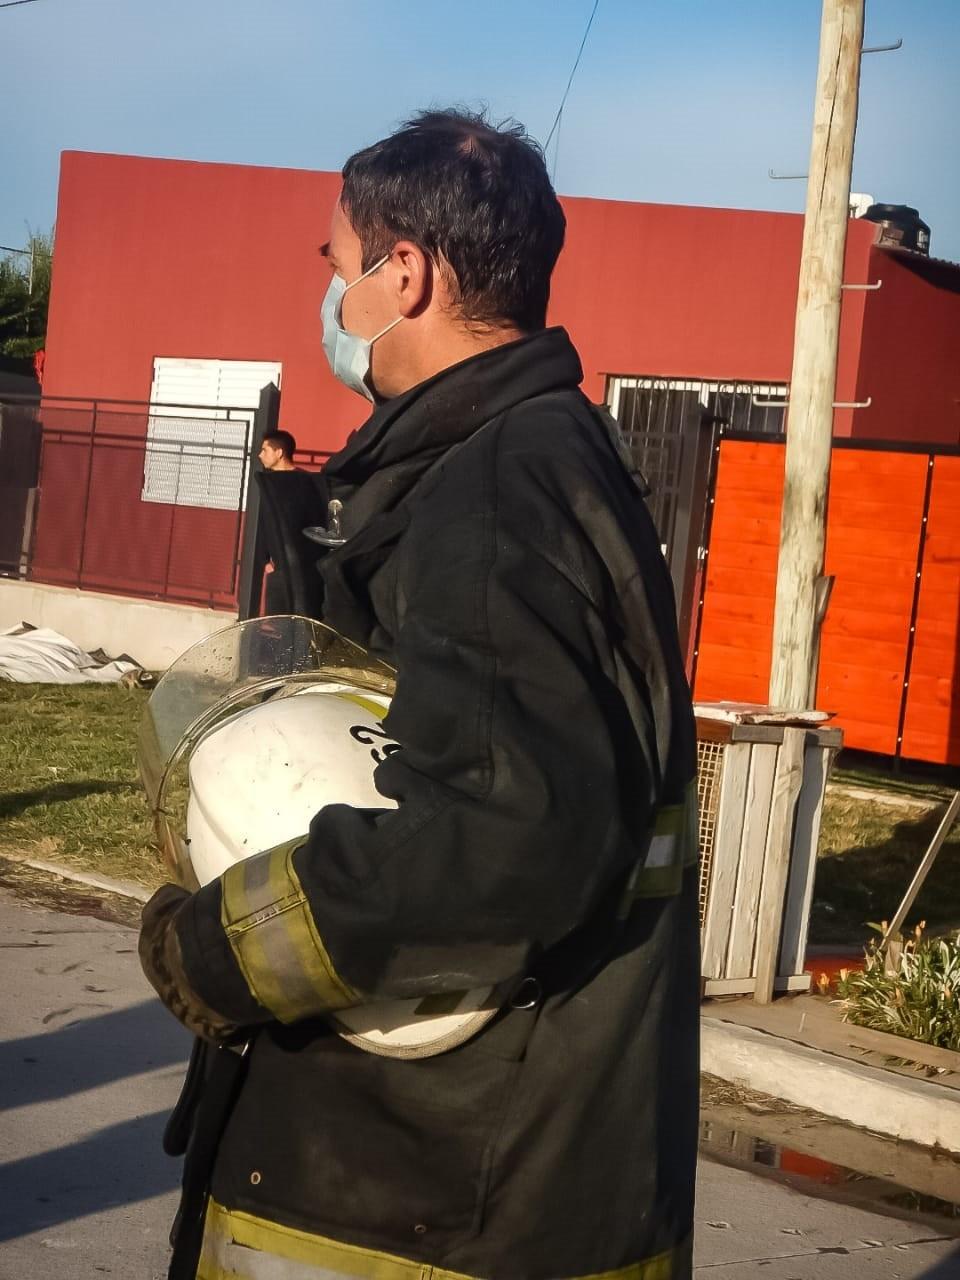 """Alejandro Bersani: """"Fueron horas intensas de trabajo, donde no podemos cometer errores, por suerte tenemos la gente indicada para el servicio"""""""